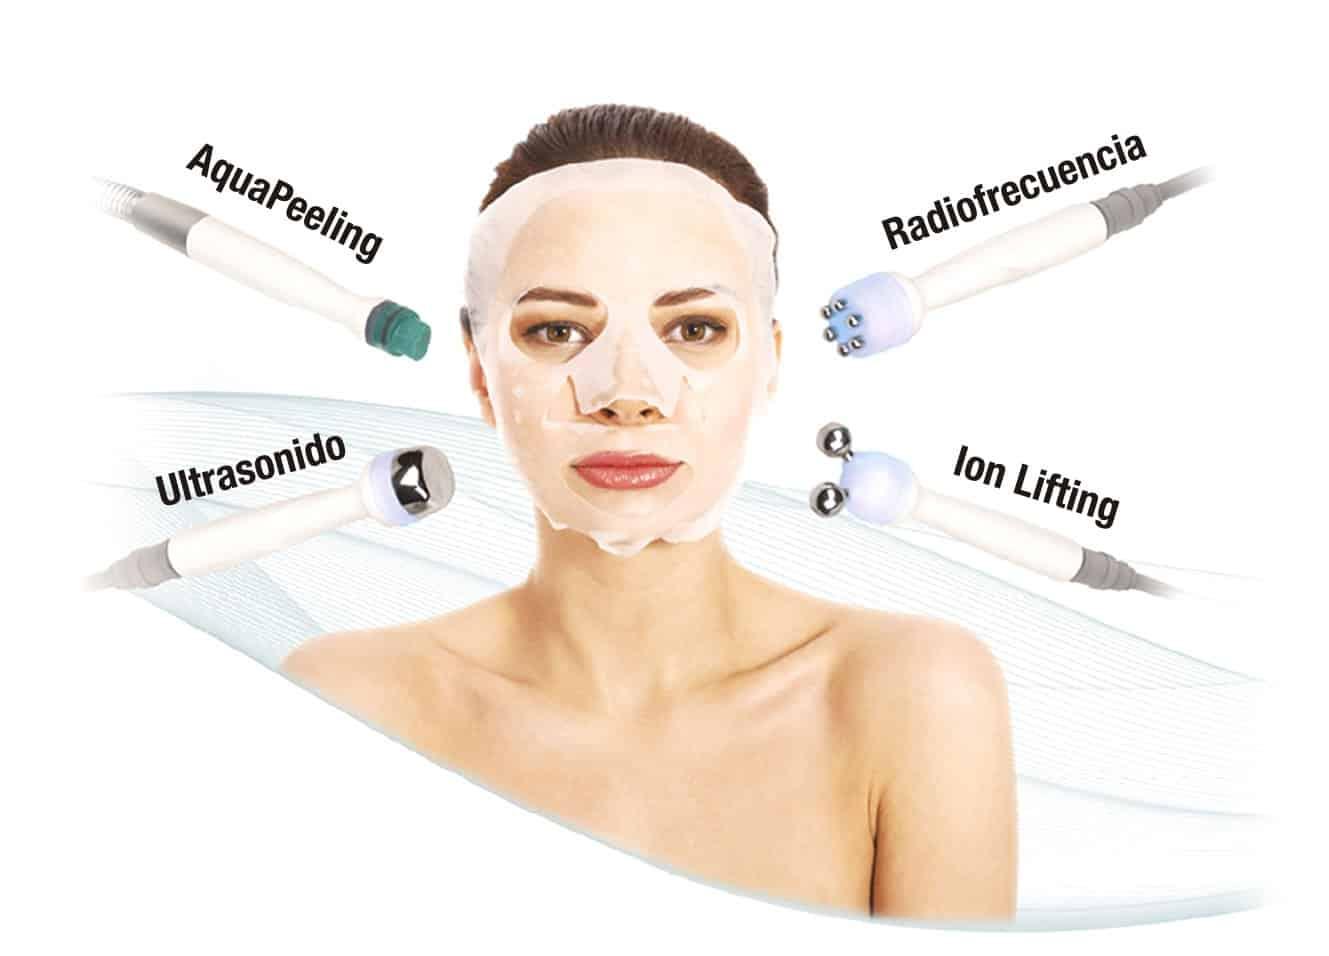 profacial tecnologias Aqua Peeling, Ion Lifting, radiofrecuencia y Ultrasonidos. belium medical distribuidor españa. Limpieza facial profunda, rejuvenecimiento, antiarrugas, producción de colágeno